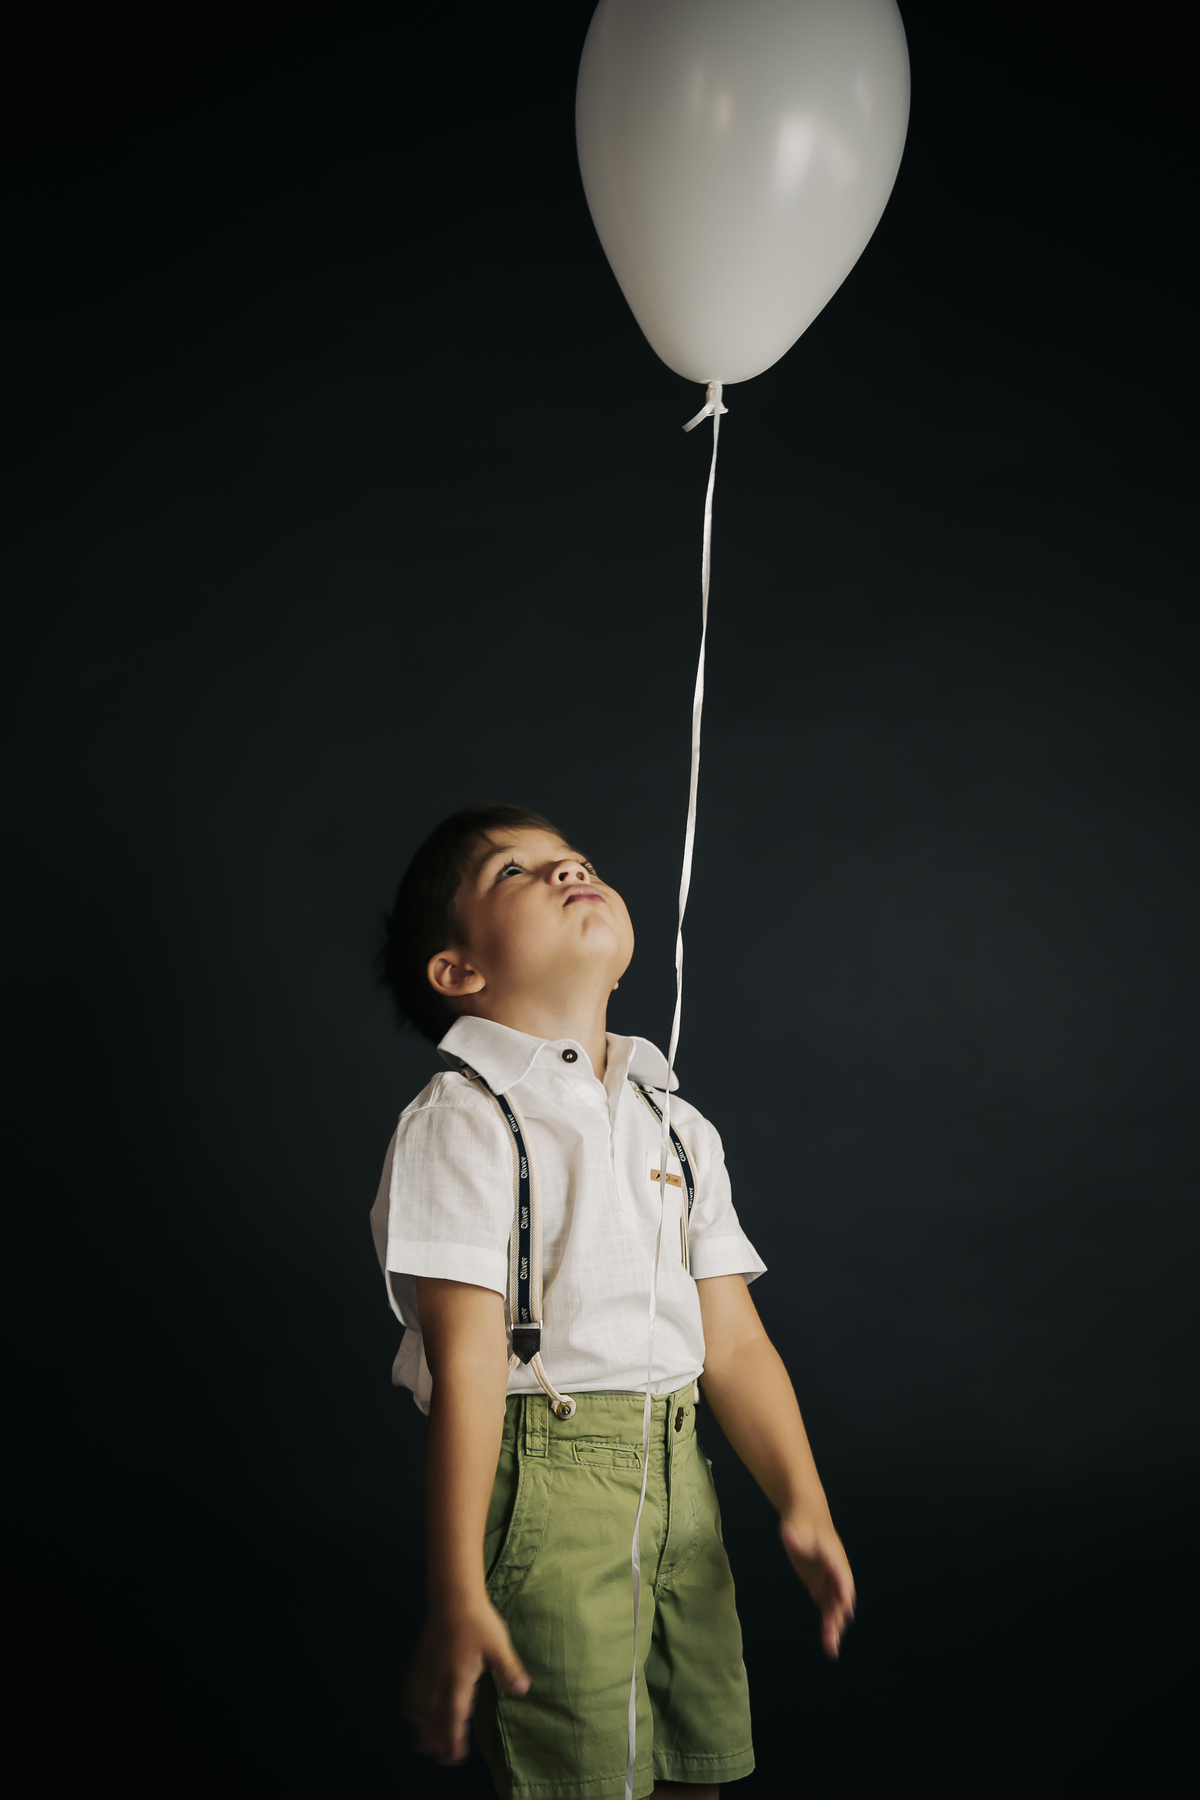 ensaio infantil criança de seis anos, Brasilia DF